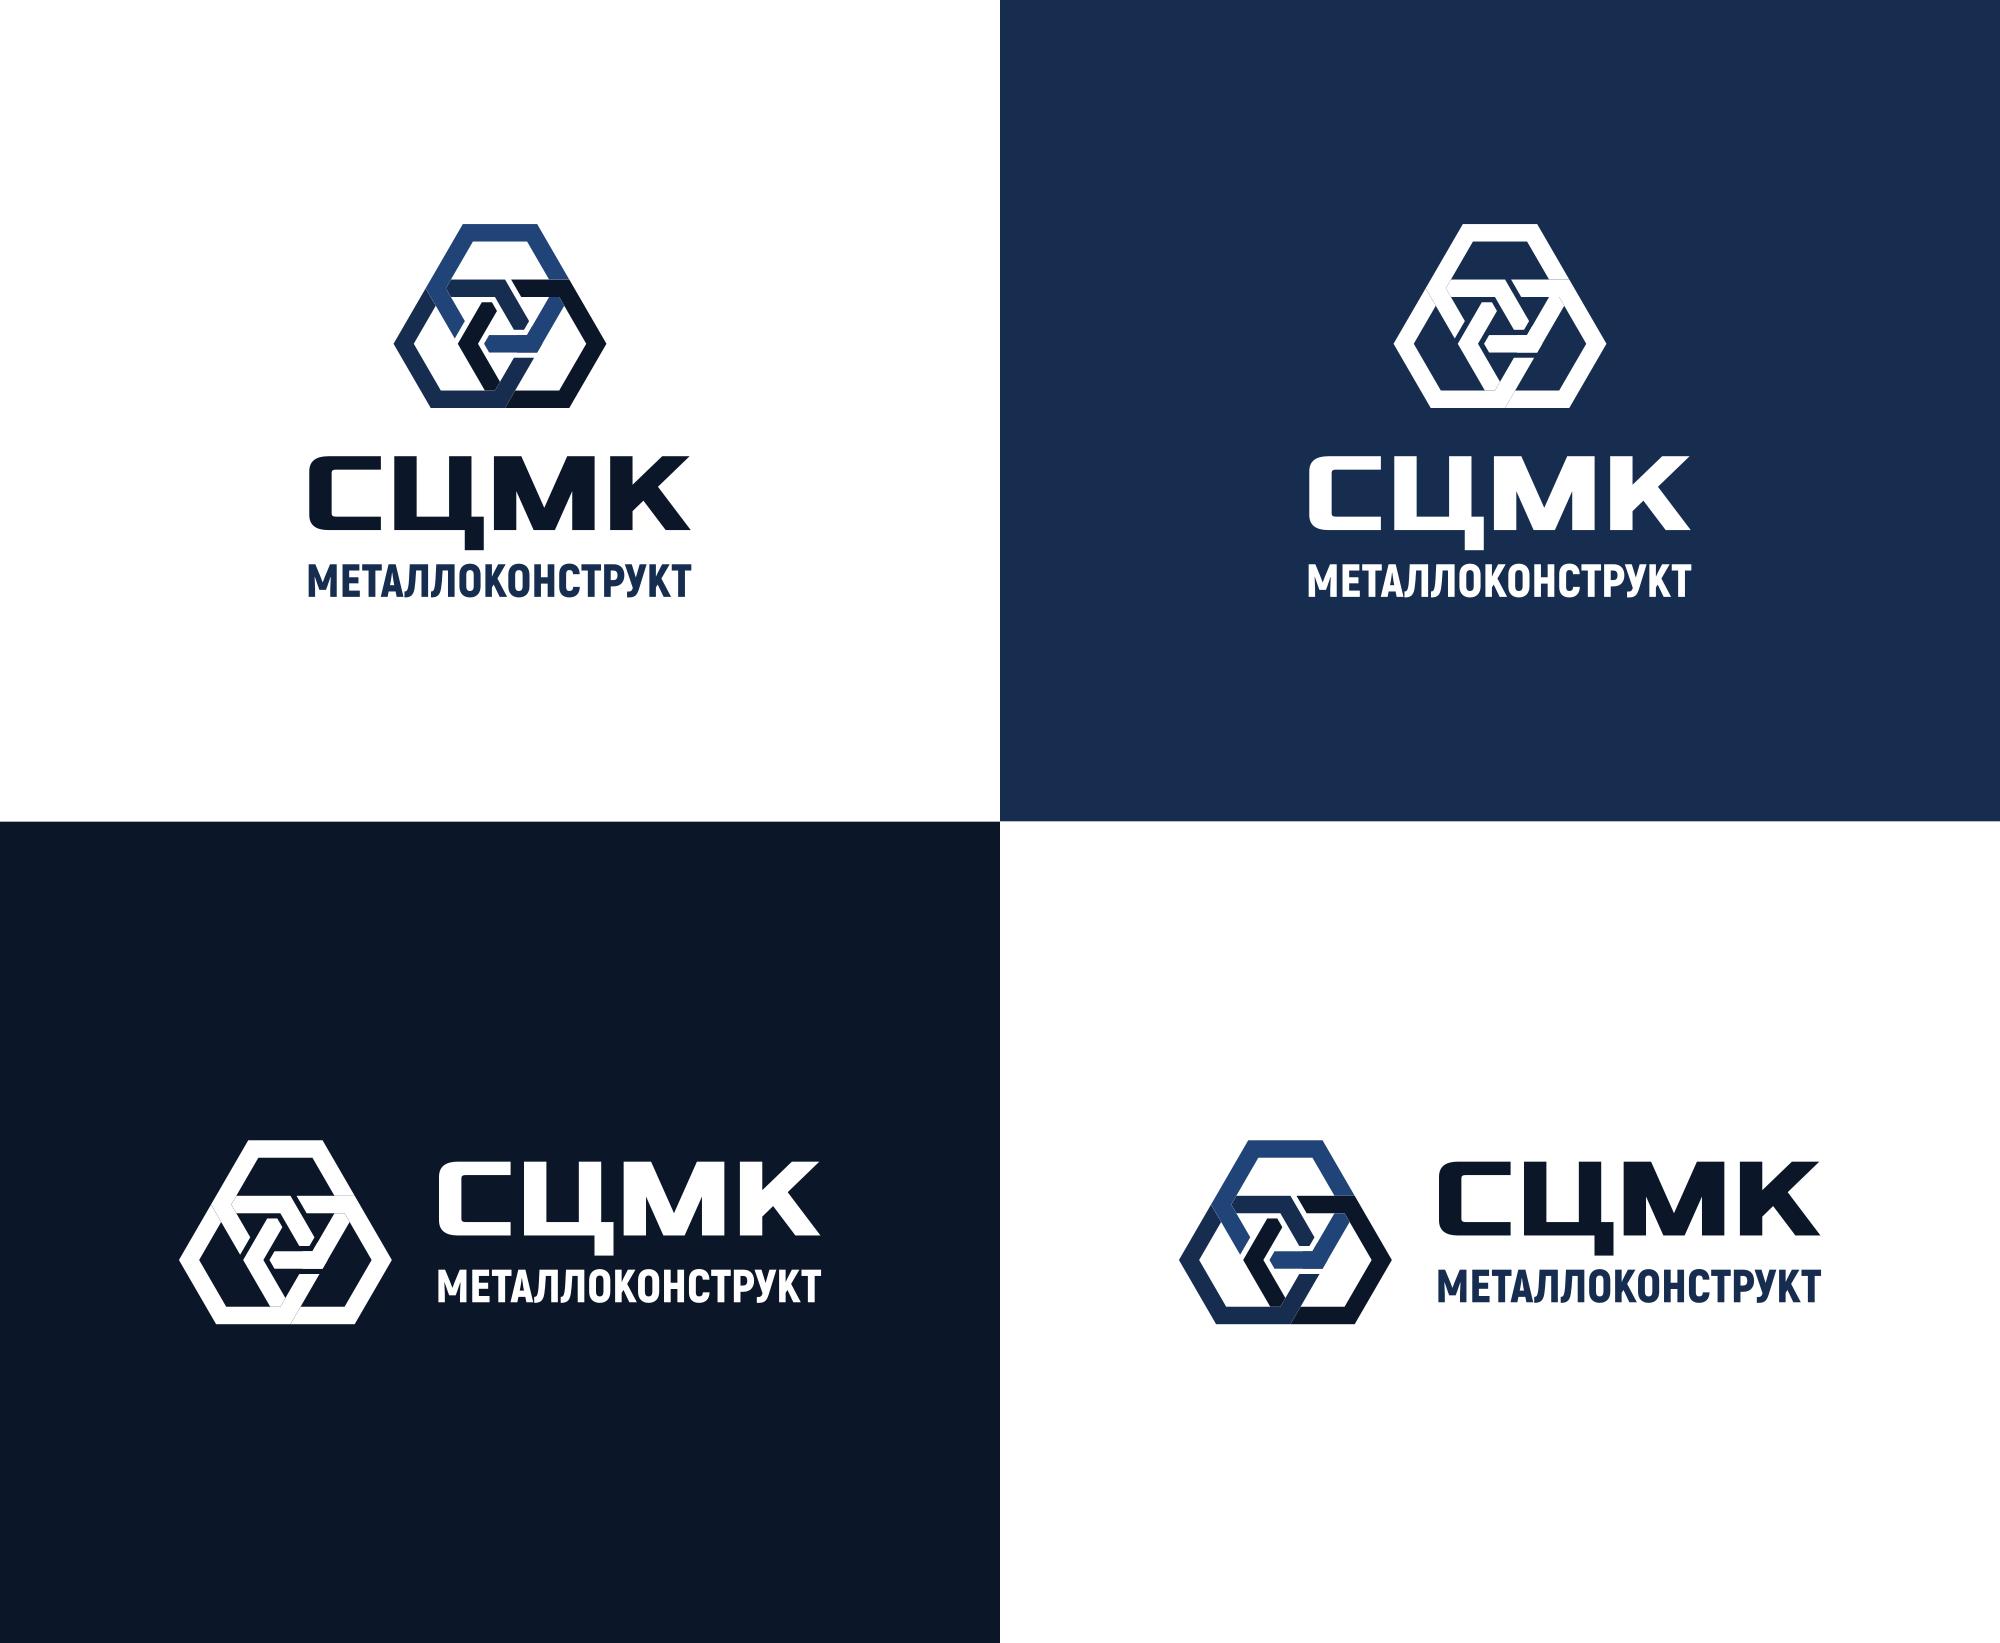 Разработка логотипа и фирменного стиля фото f_8255ad67865ce18f.png